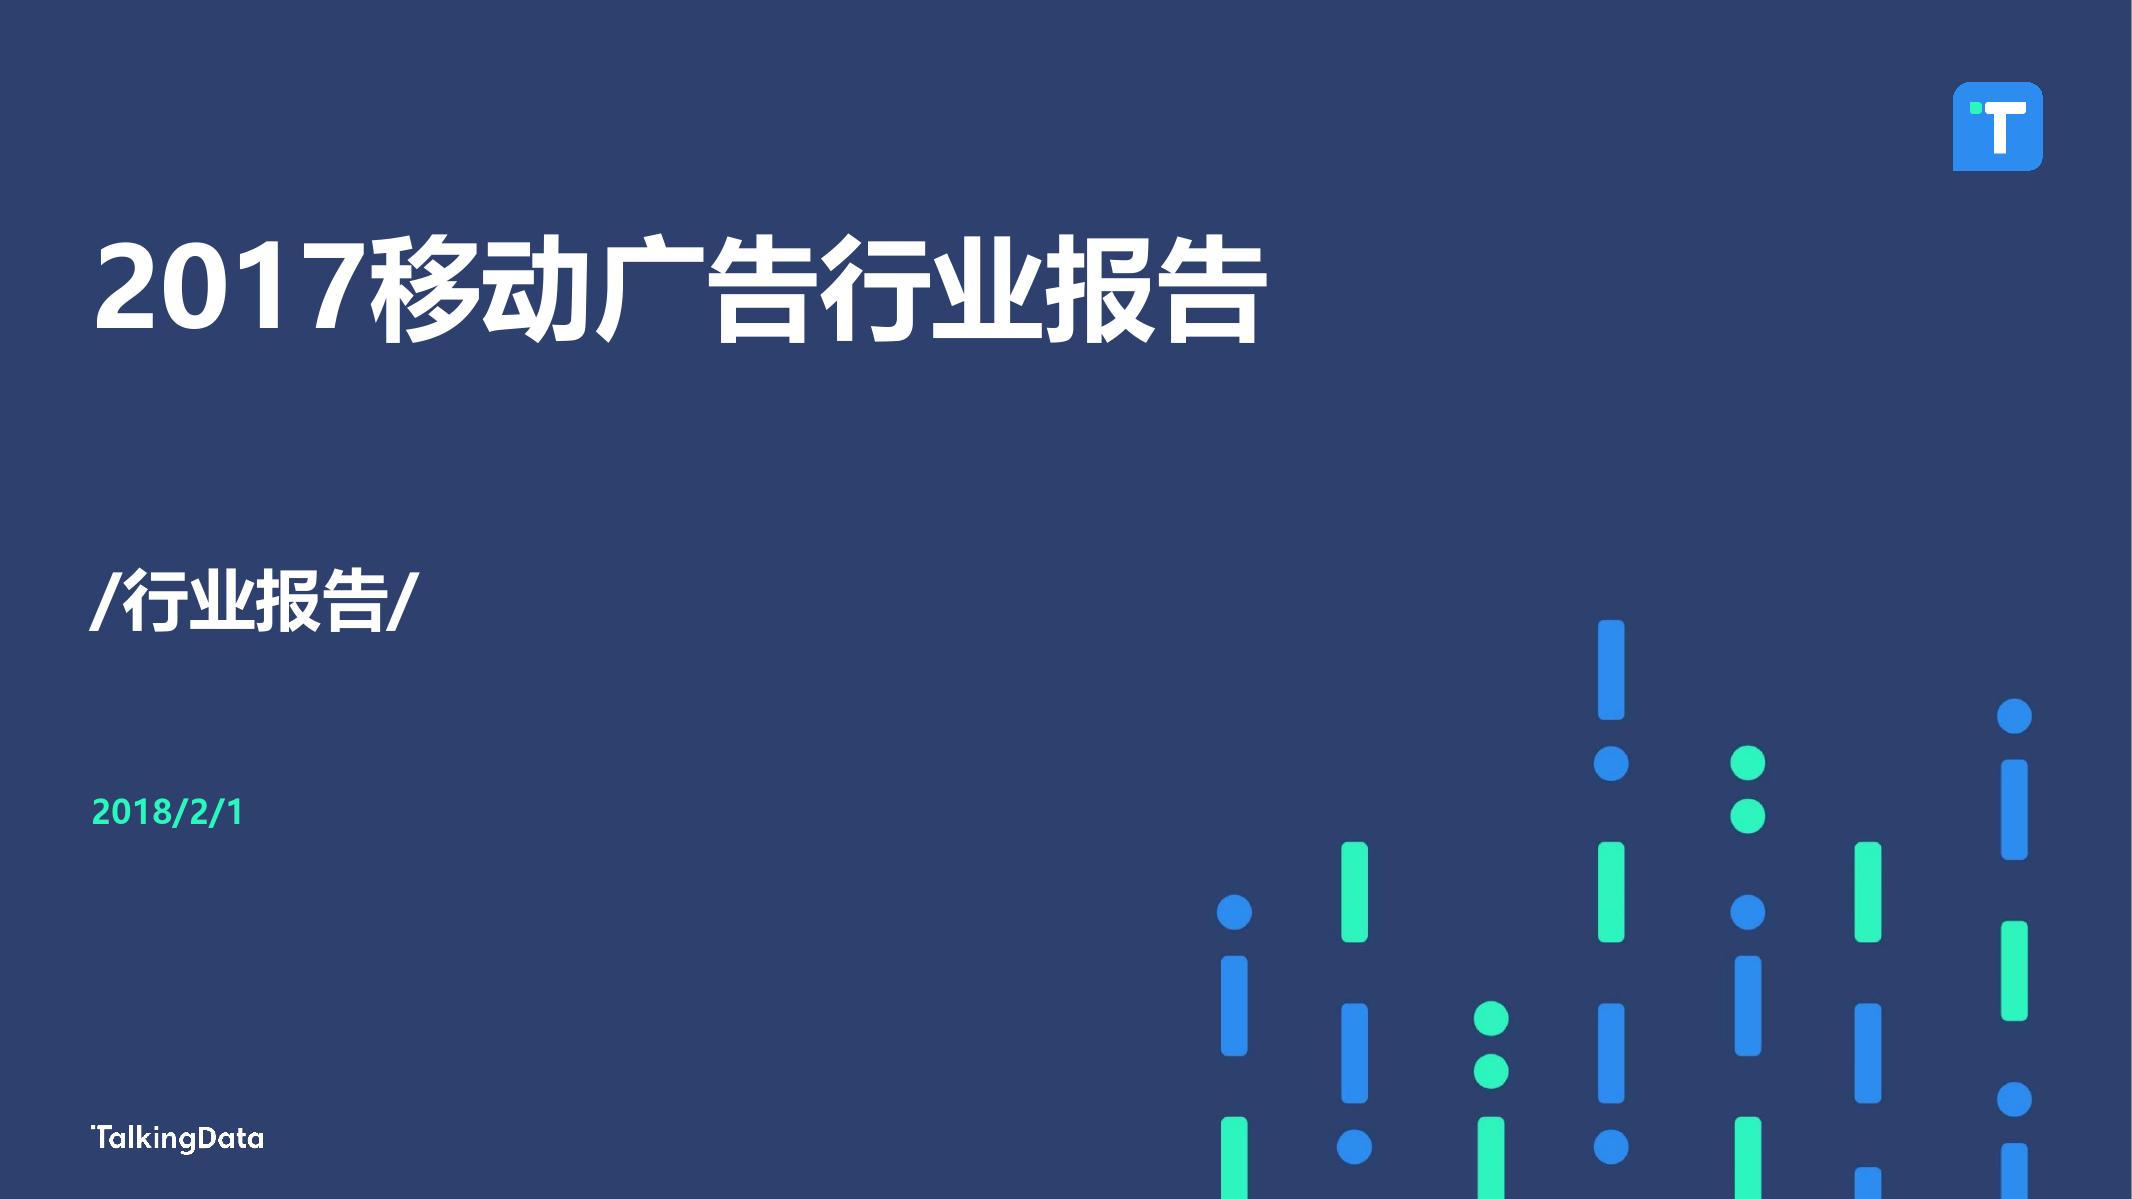 TalkingData:2017移动广告行业报告(附下载)